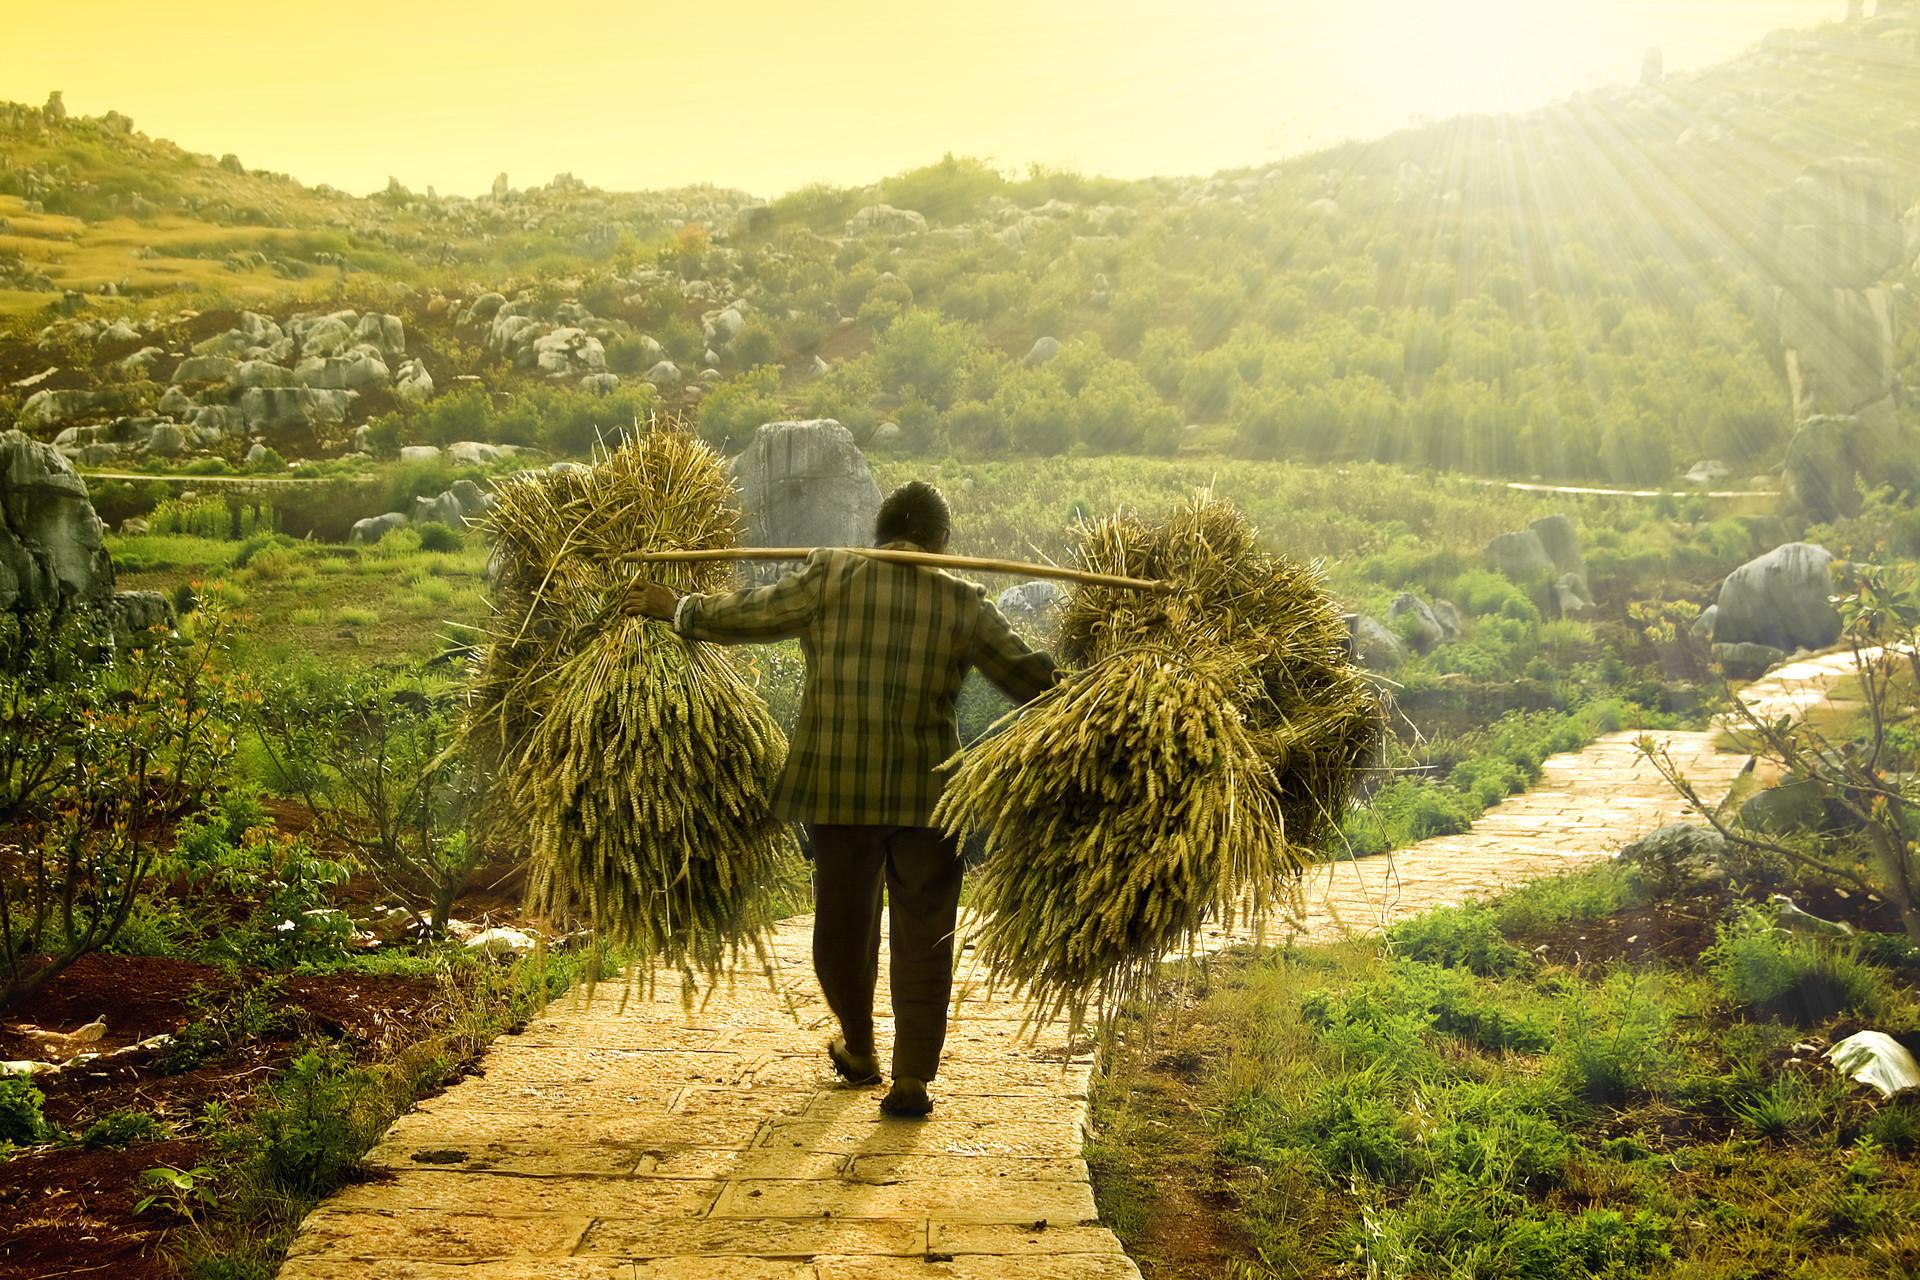 توسعه بخش کشاورزی مستلزم استقرارشرکت های فنی مهندسی